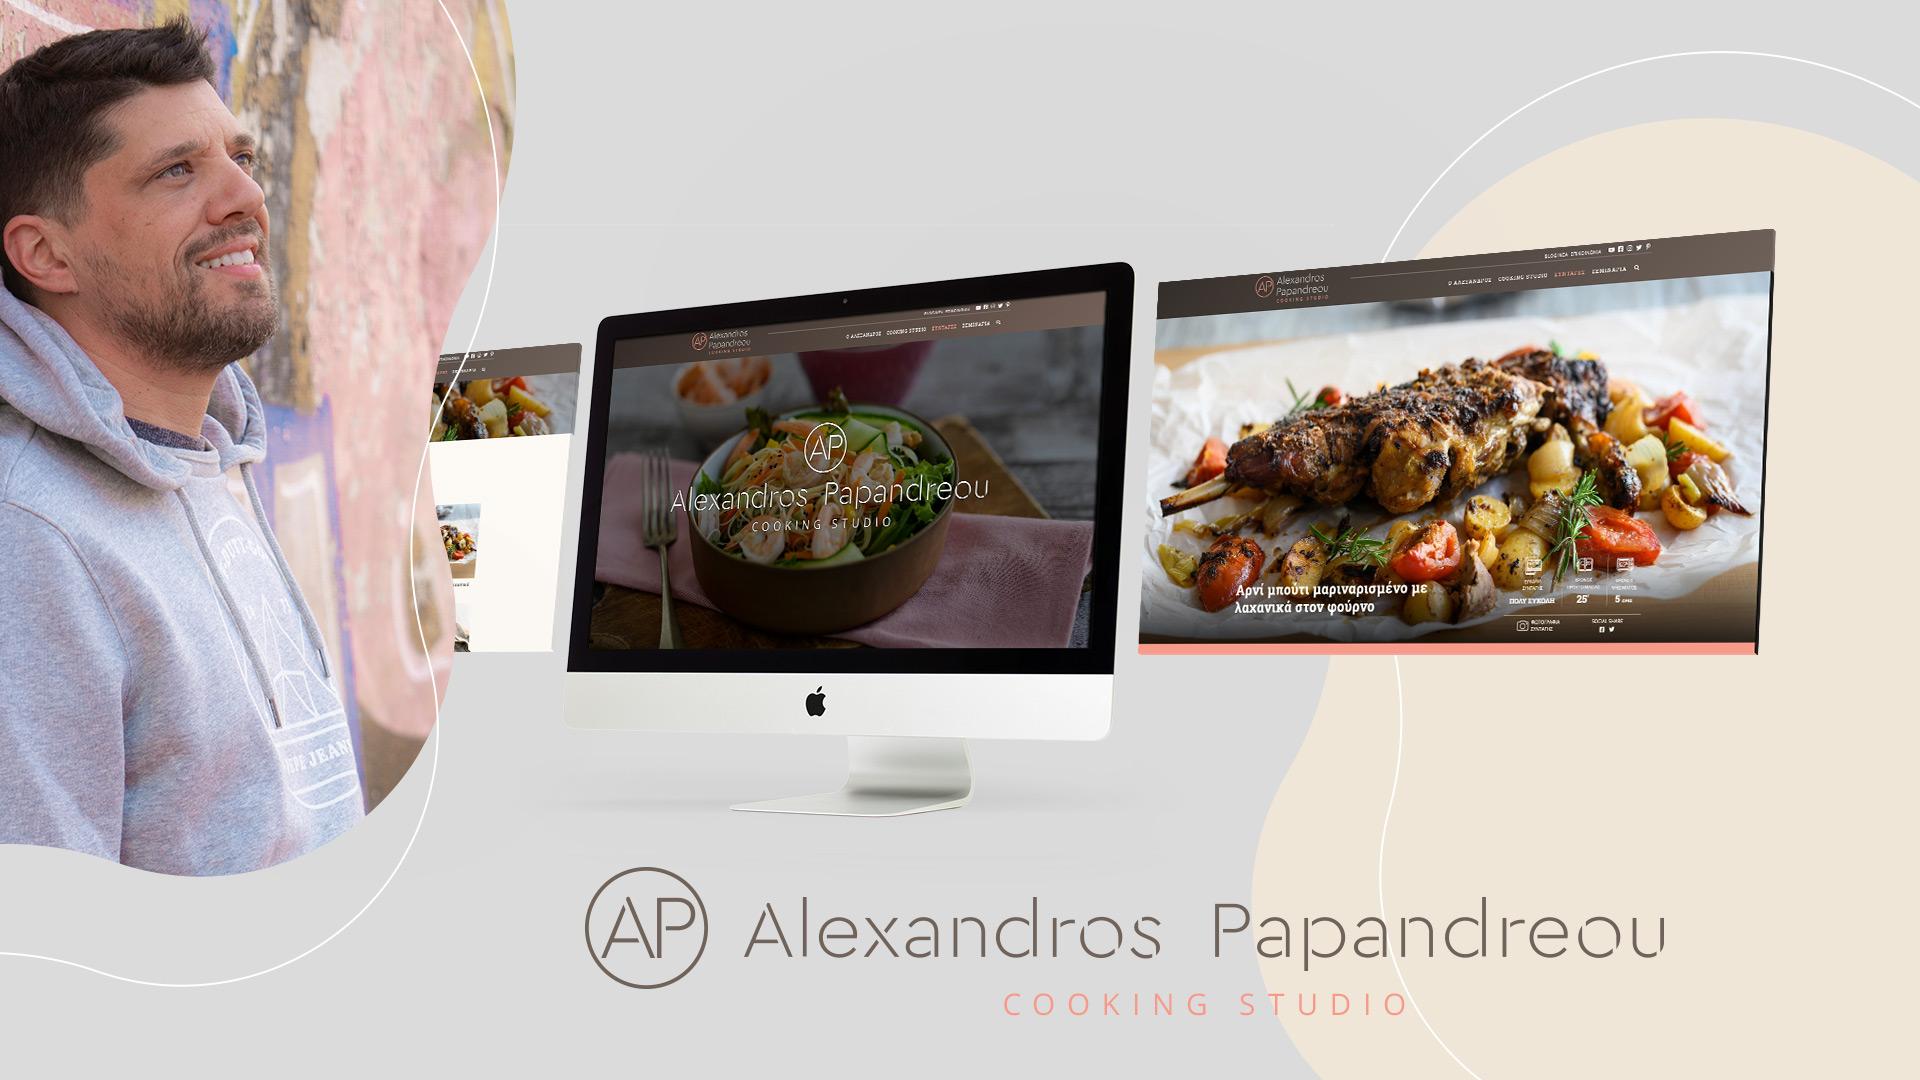 Κατασκευή νέου website του Αλέξανδρου Παπανδρέου